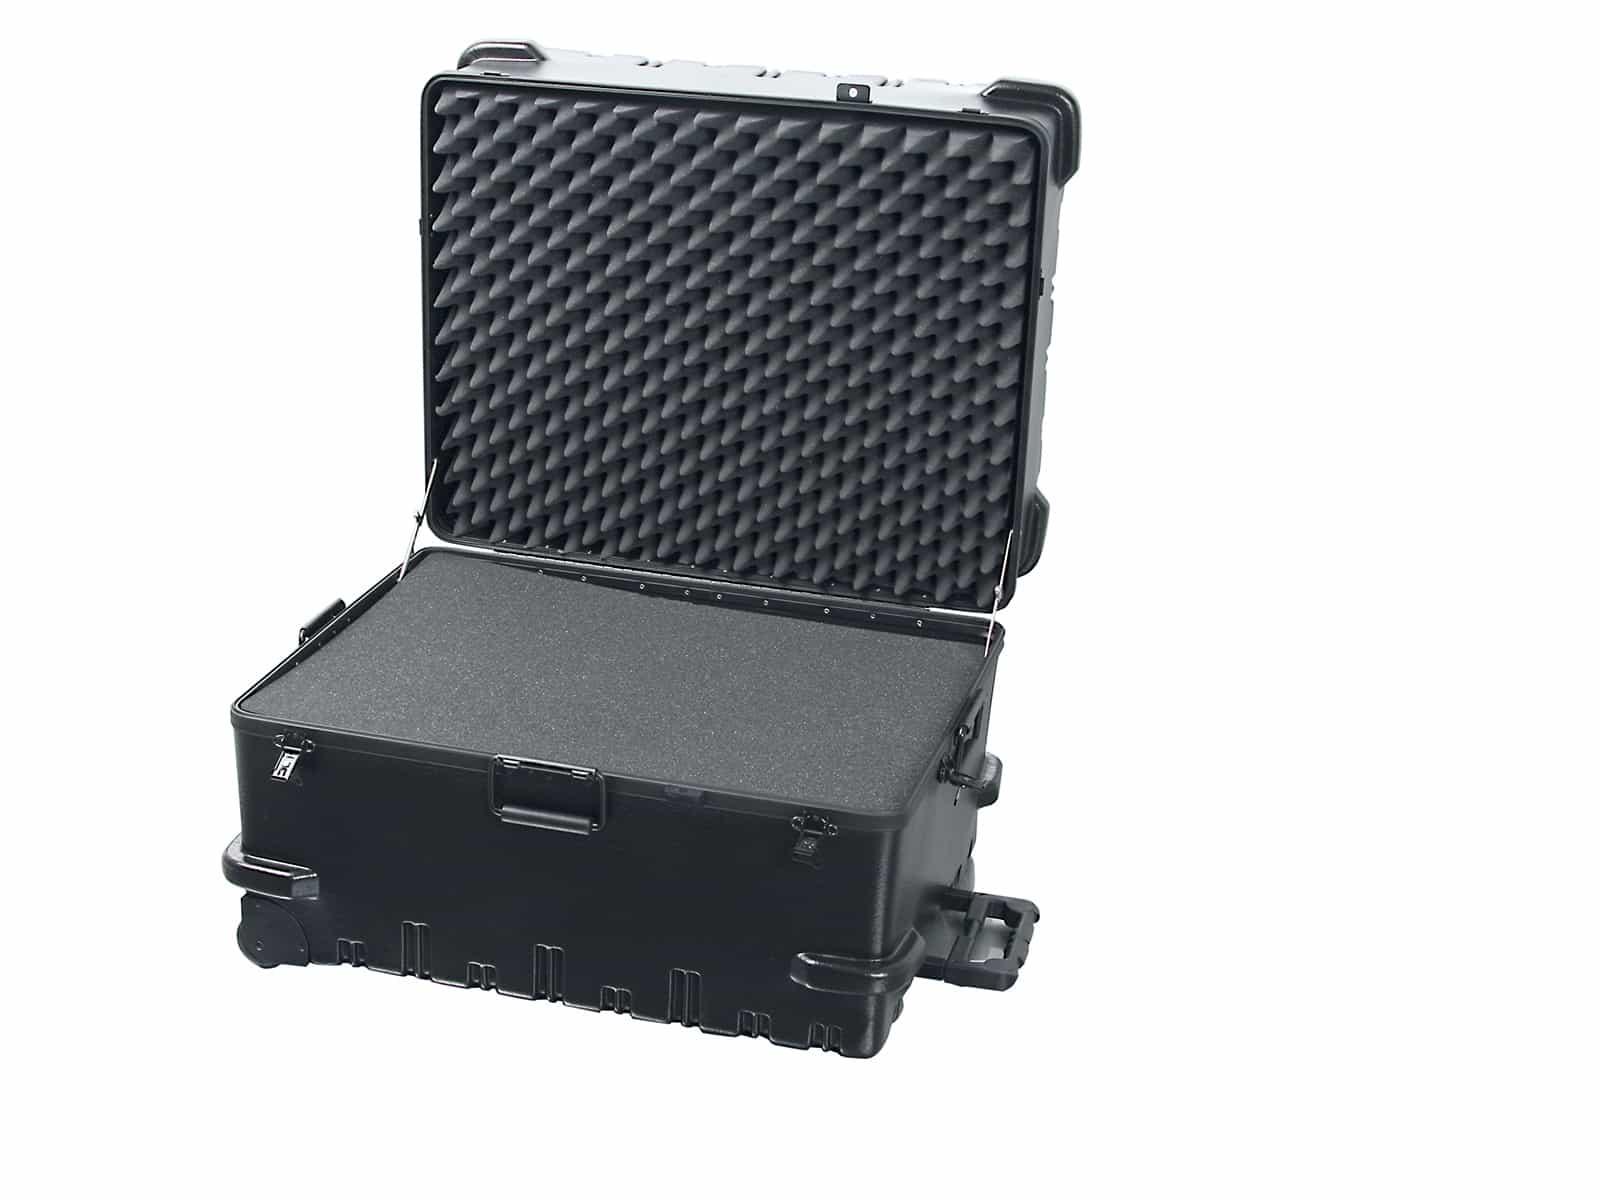 Chicago Case XL 5552 Trolley Werkzeugkoffer / Präsentationskoffer inkl. Würfelschaumstoff 163 ltr.